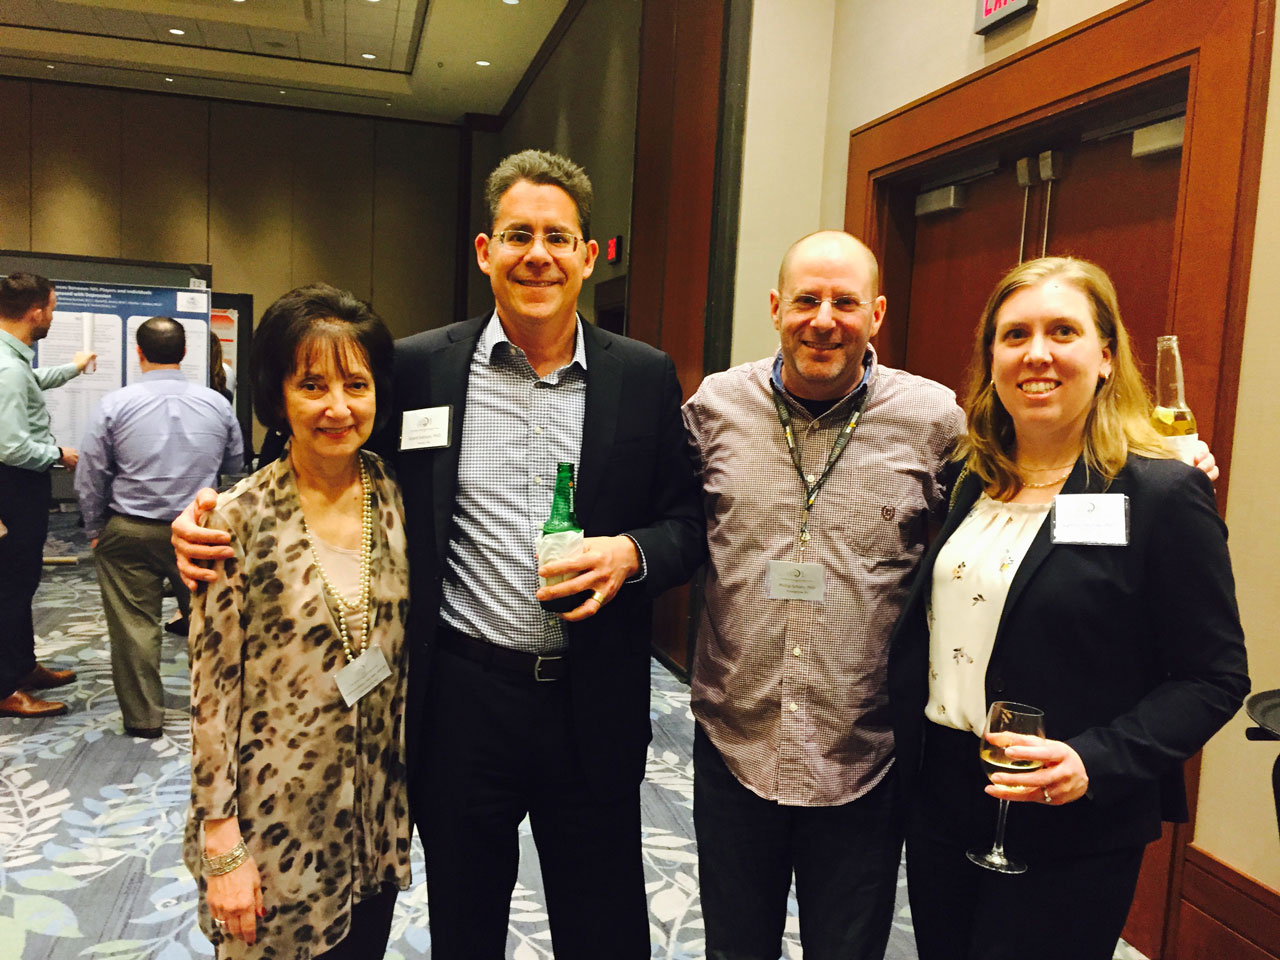 Drs. Moser, Murray, Iverson, Schatz